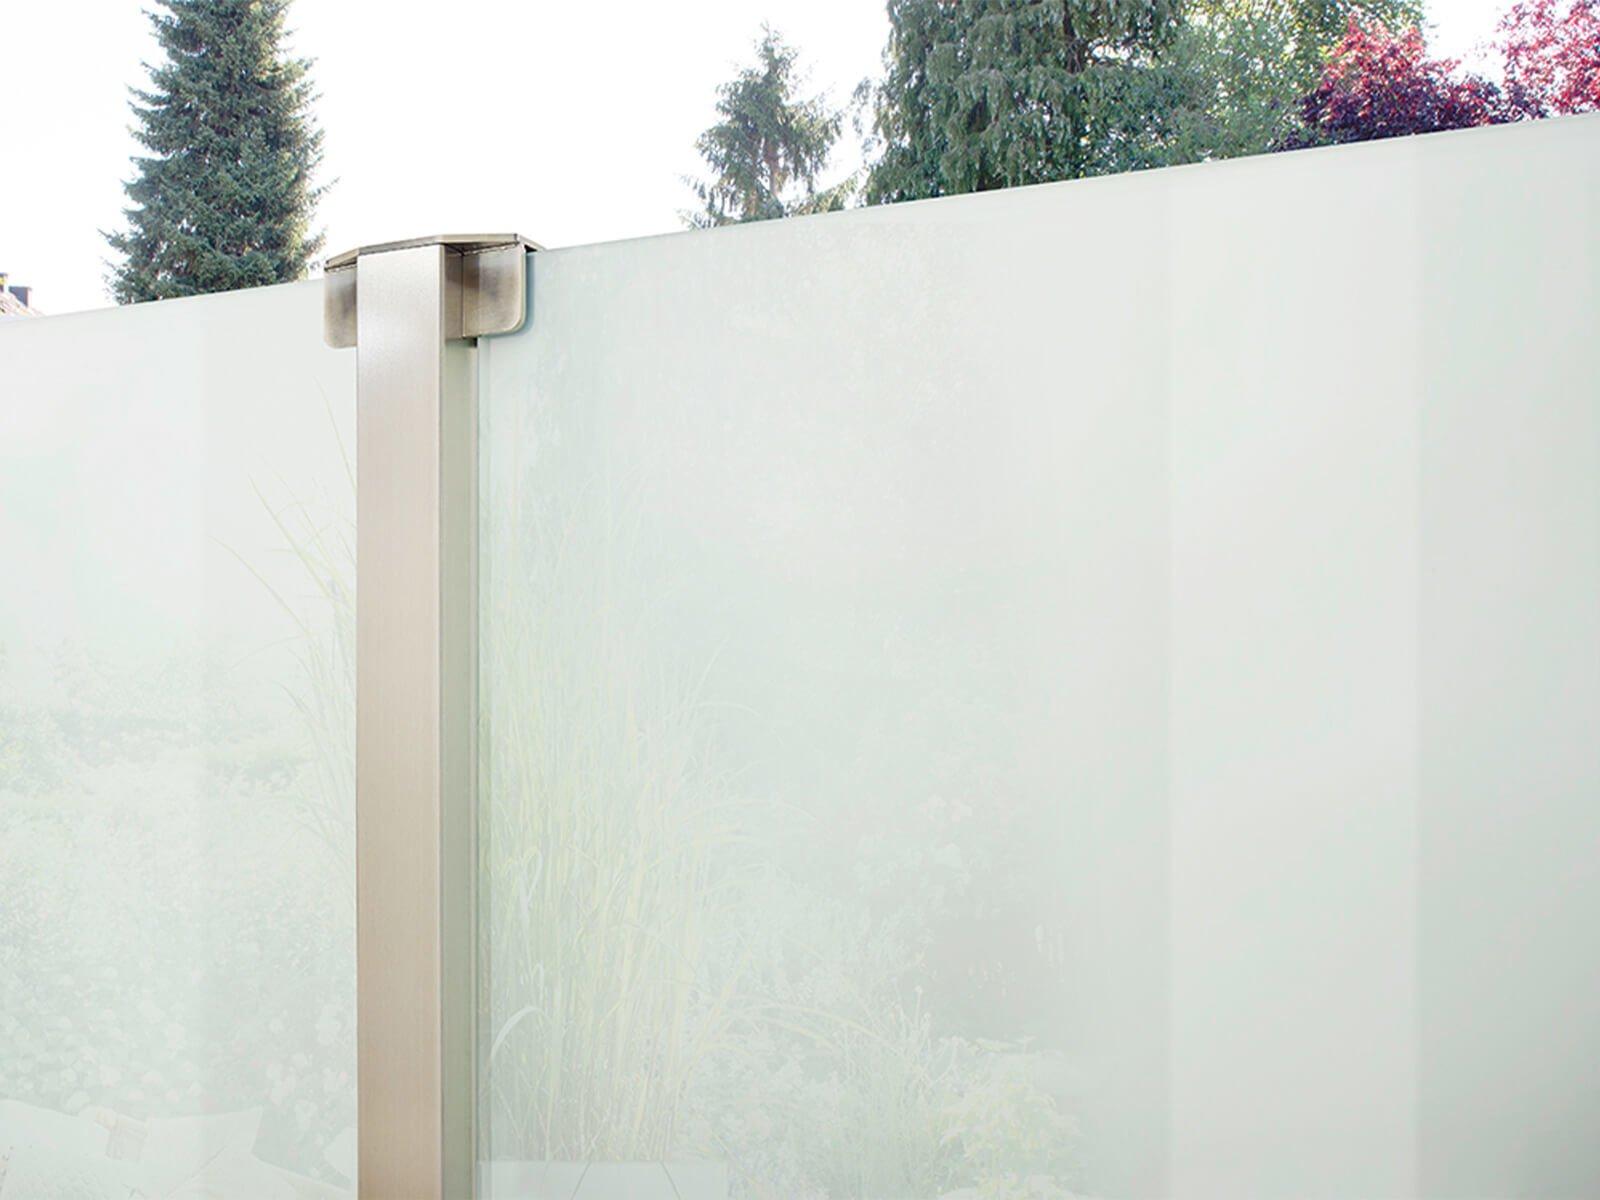 Glaszaun mit Windschutz und Sichtschutz modernes Design individuell nach Maß für Garten und Terrasse